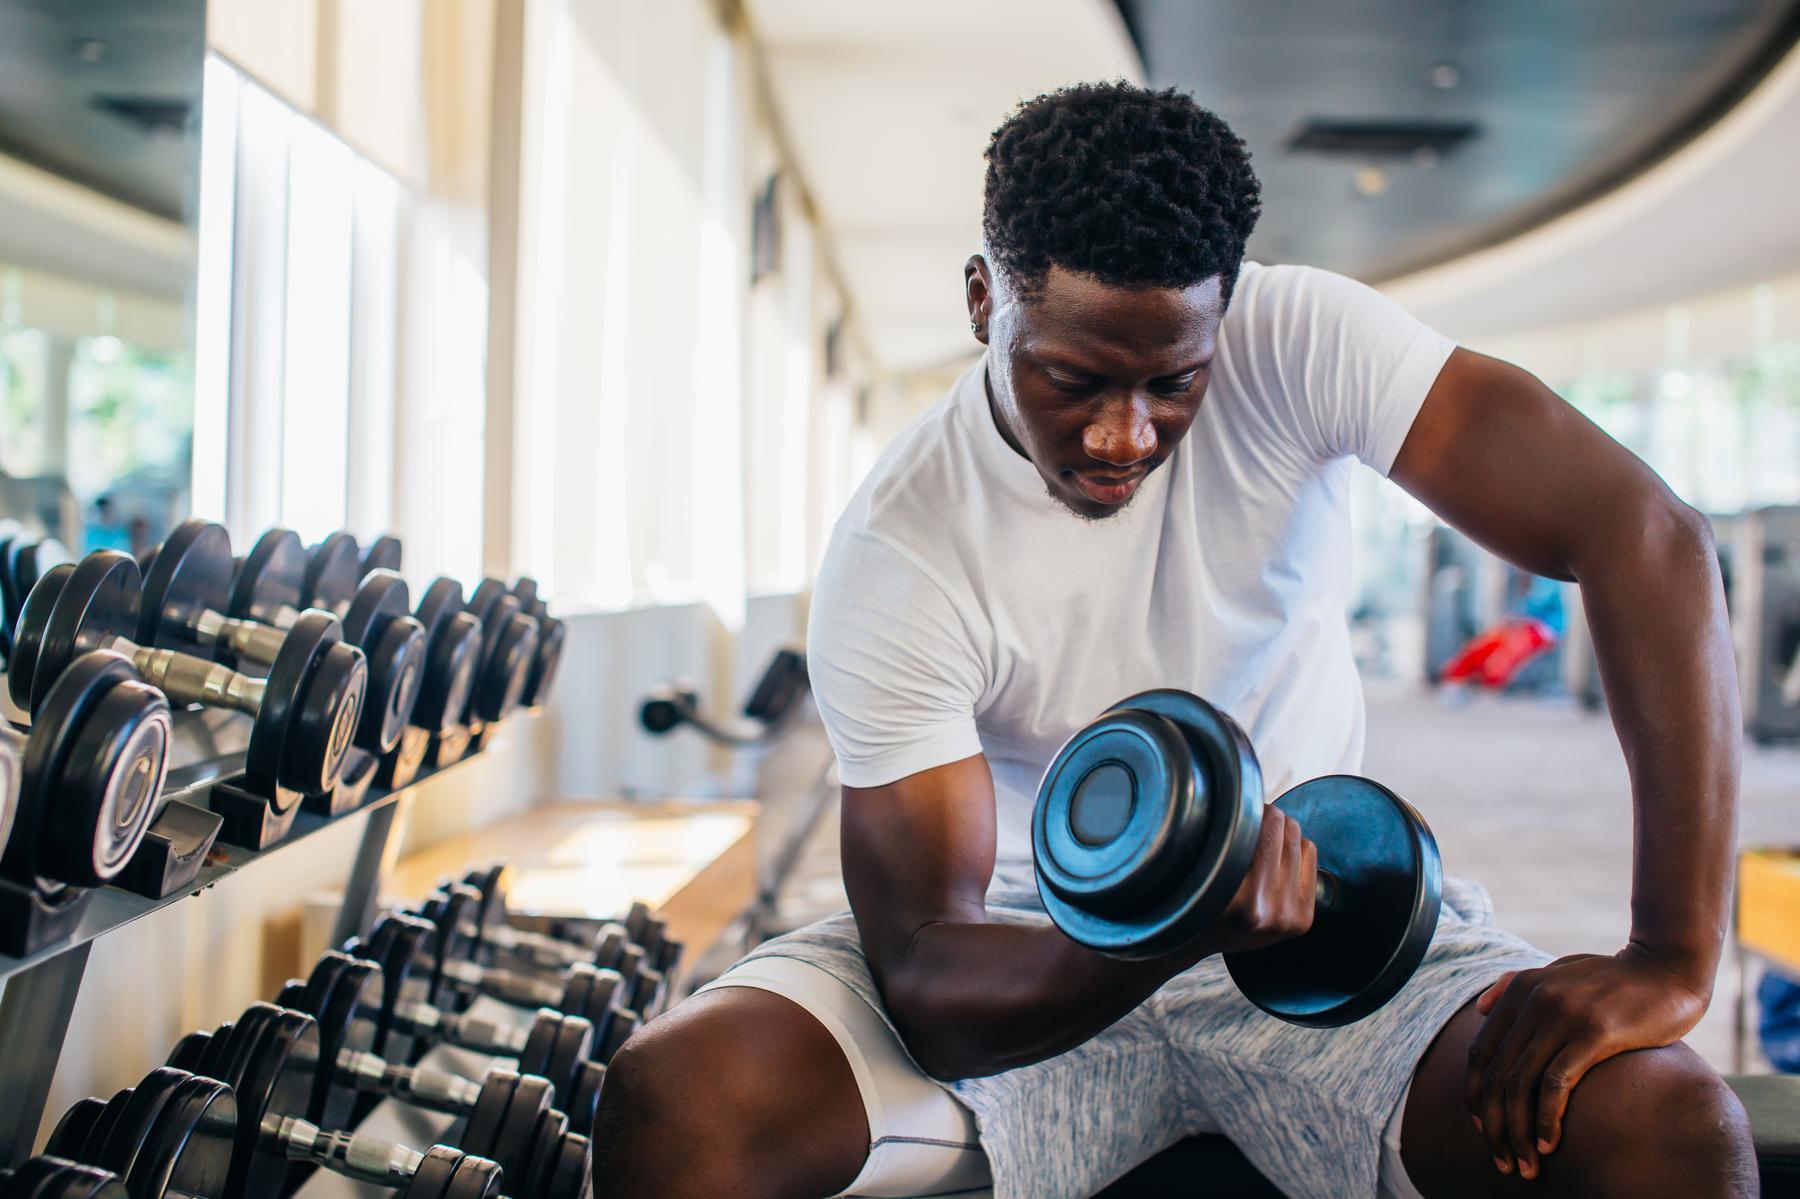 Tréning vrchnej časti tela s jednoručkami | 8 efektívnych cvikov pre veľké svaly